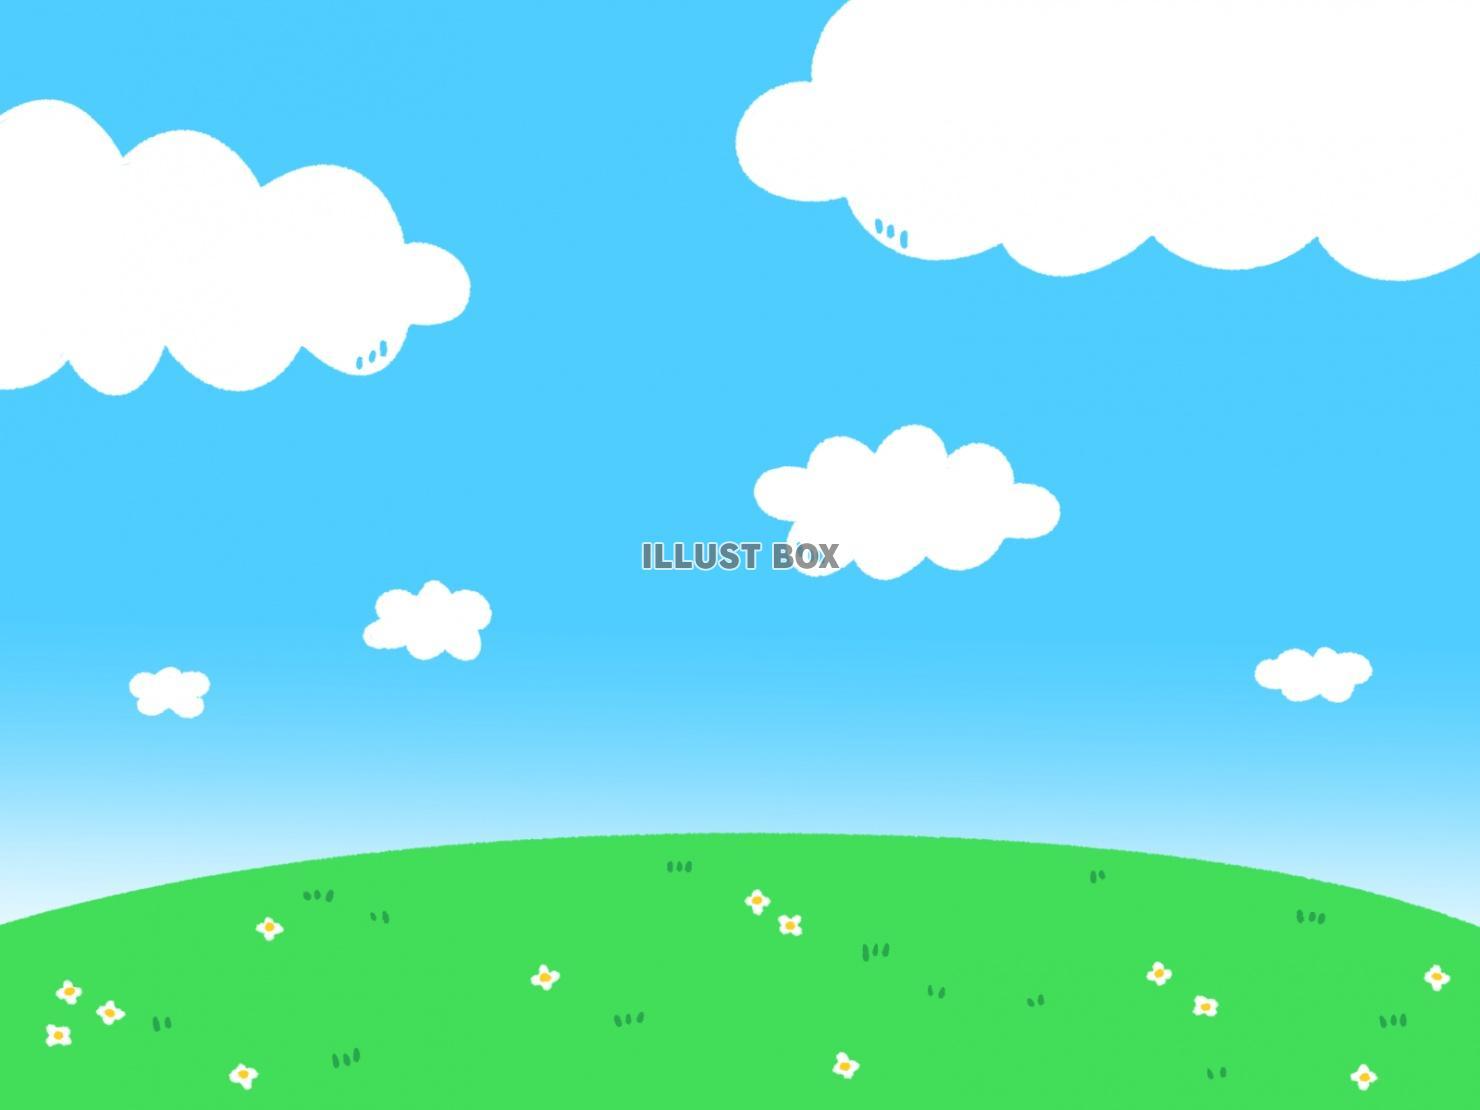 無料イラスト かわいい空と草原の壁紙素材